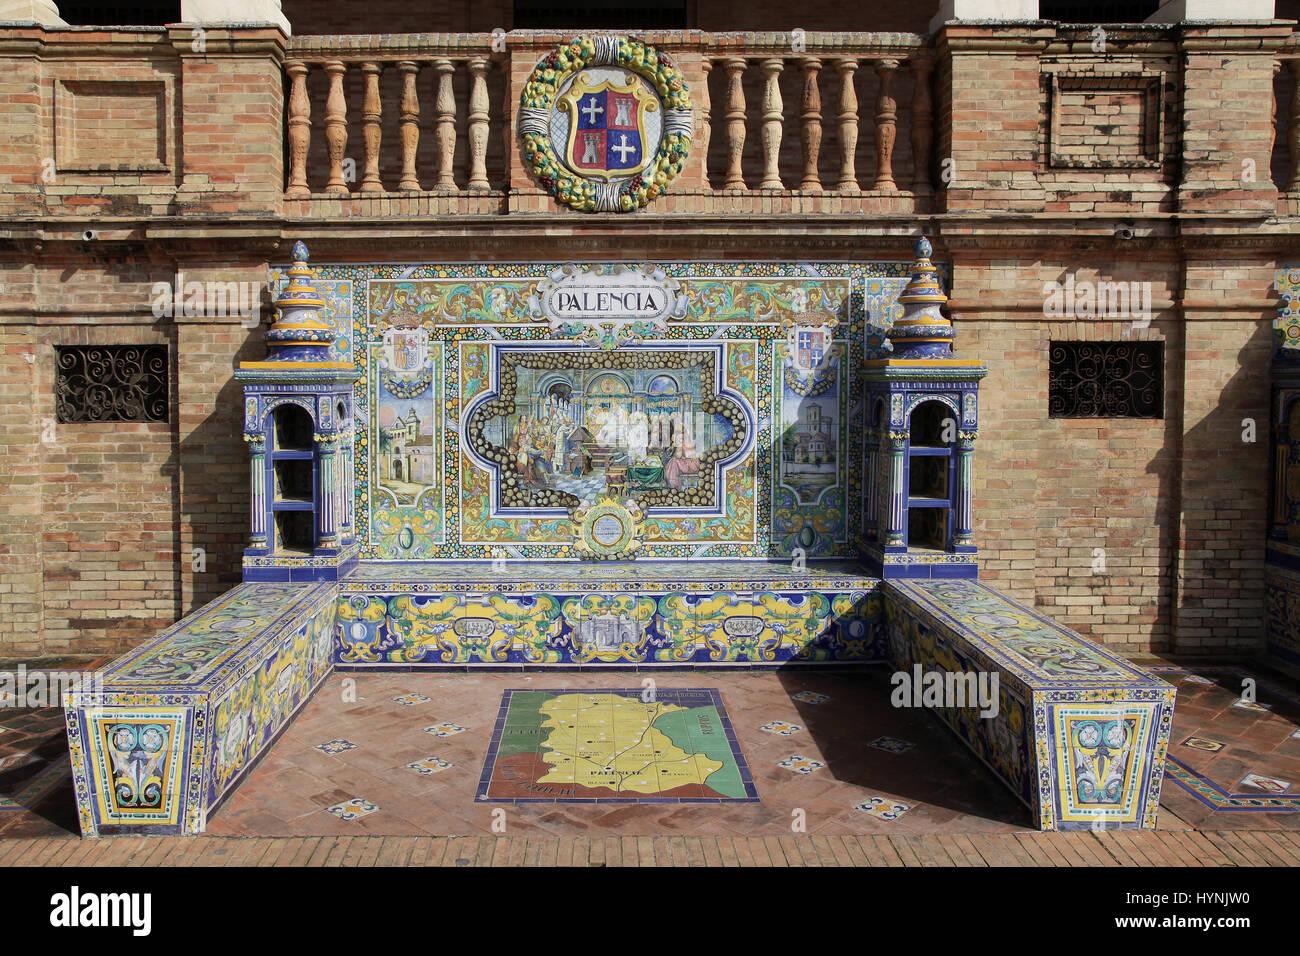 Ceramic Azulejos tiled provincial Bench or Alcove of Palencia on the Plaza de España in Parque de Maria Luisa - Stock Image